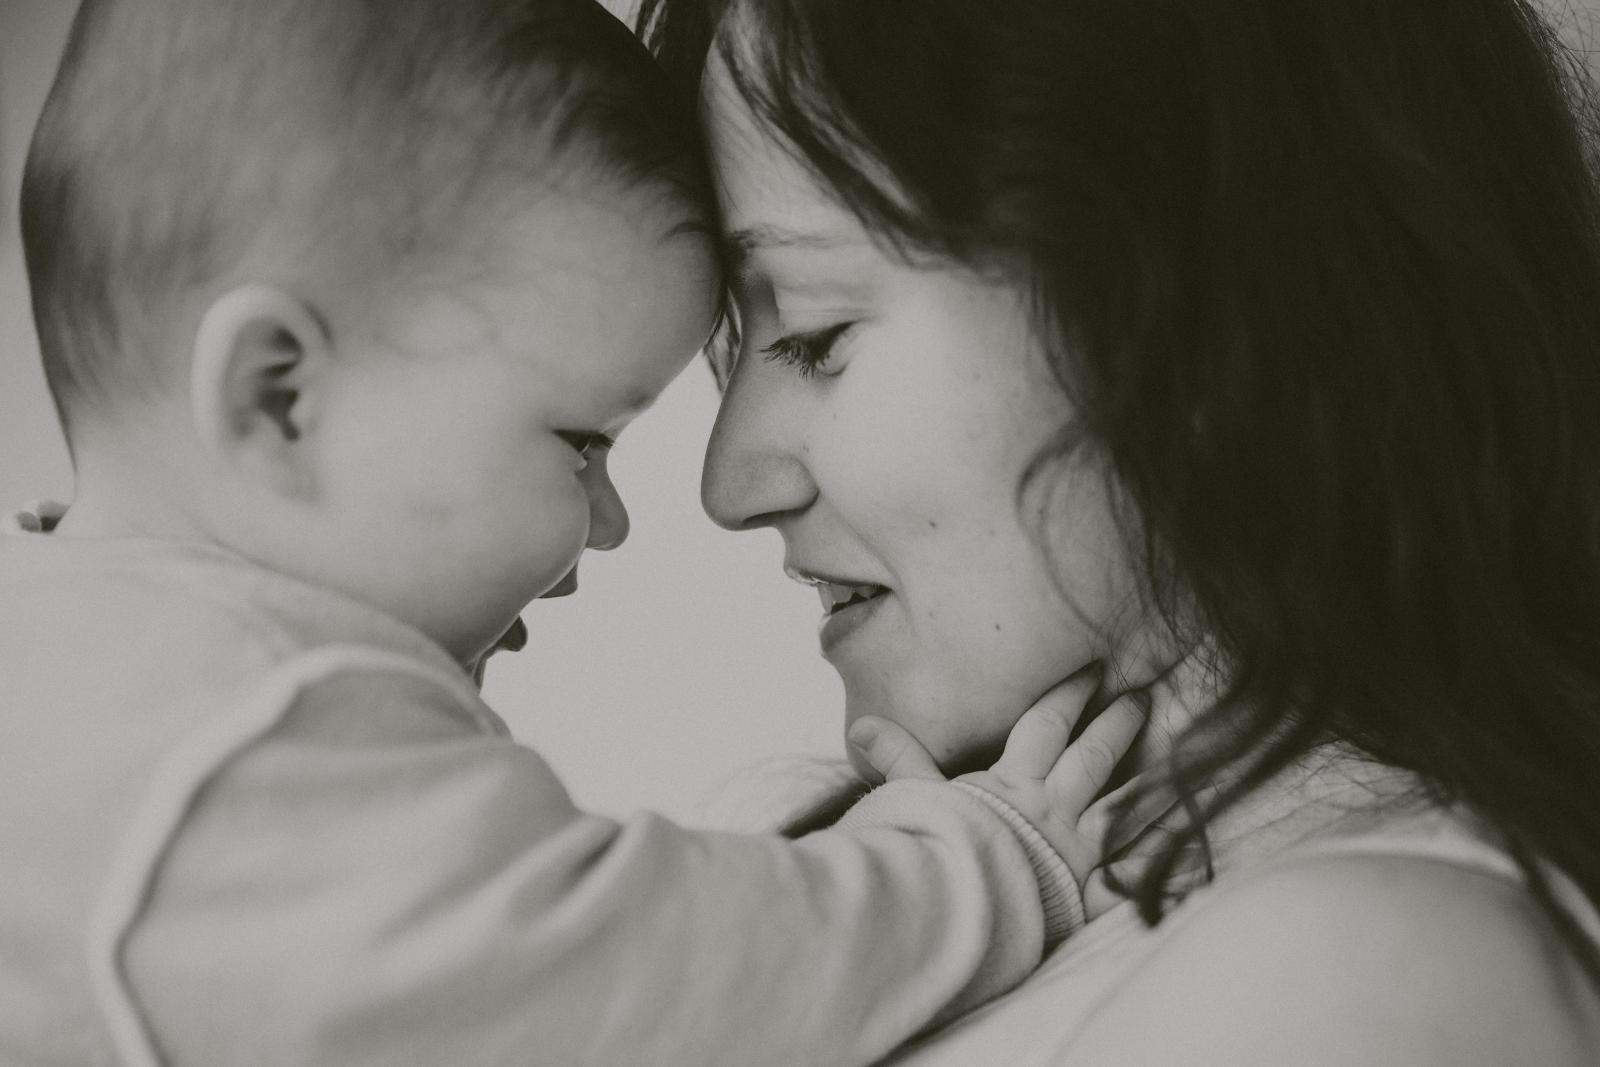 Familia Madre Bebe Tenerife - Moana Photography